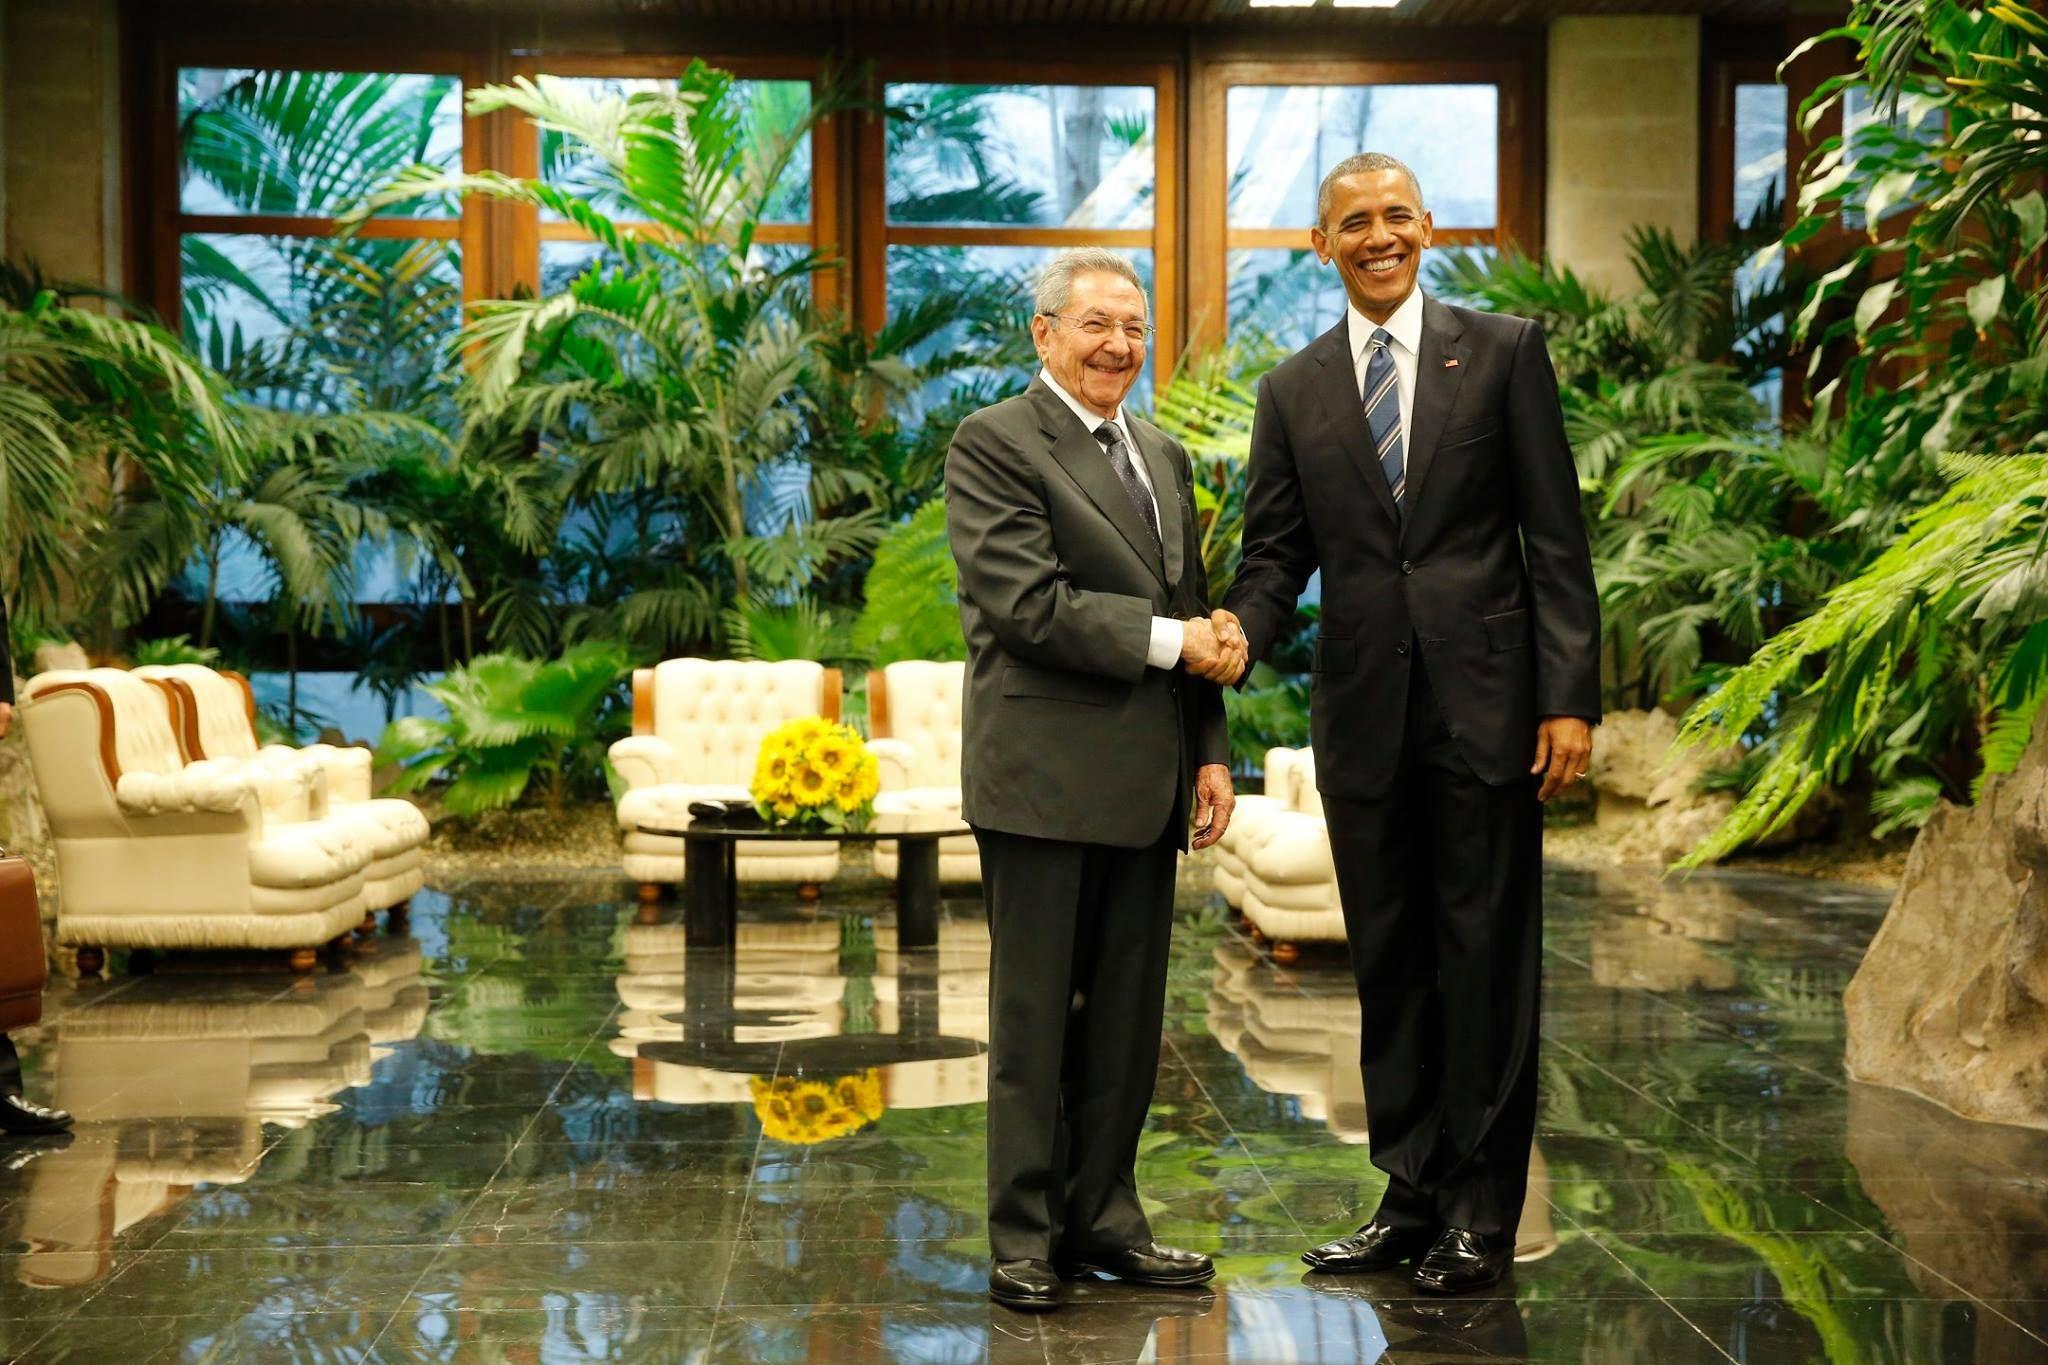 Tổng thống Mỹ gặp Chủ tịch Cuba trong chuyến thăm lịch sử - http://www.daikynguyenvn.com/the-gioi/tong-thong-my-gap-chu-tich-cuba-trong-chuyen-tham-lich-su.html